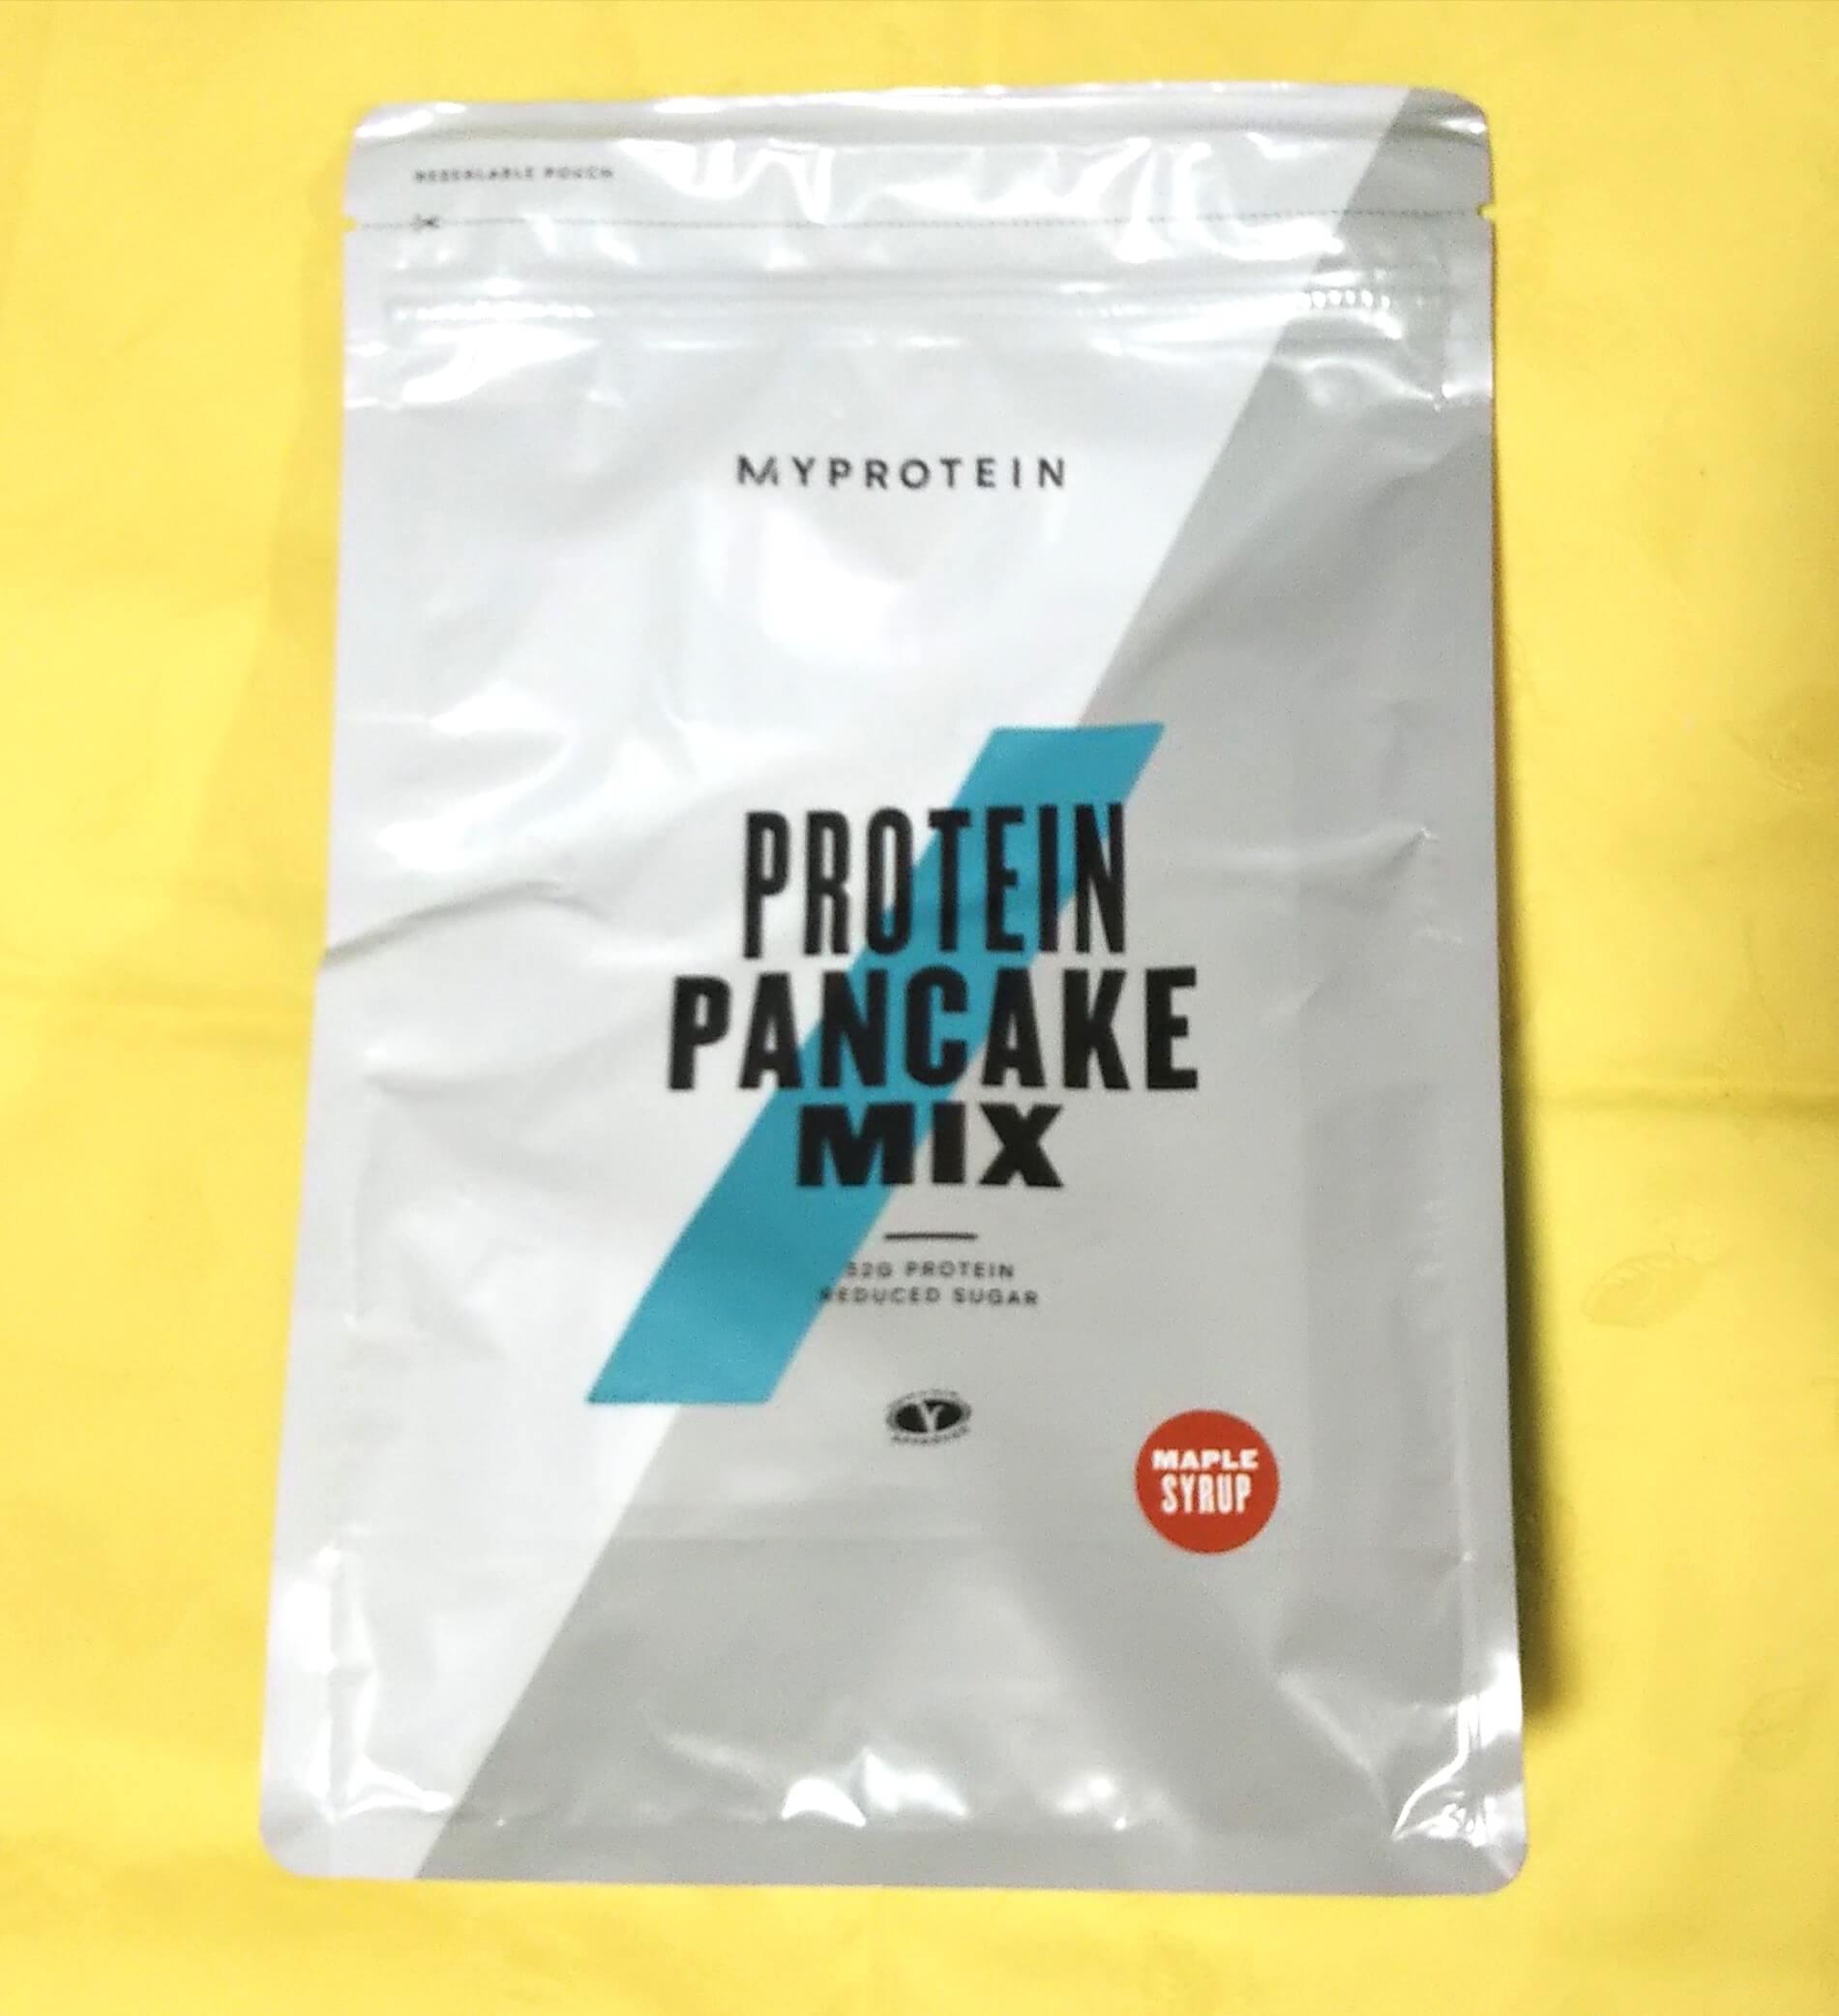 プロテインパンケーキミックス メープルシロップ味